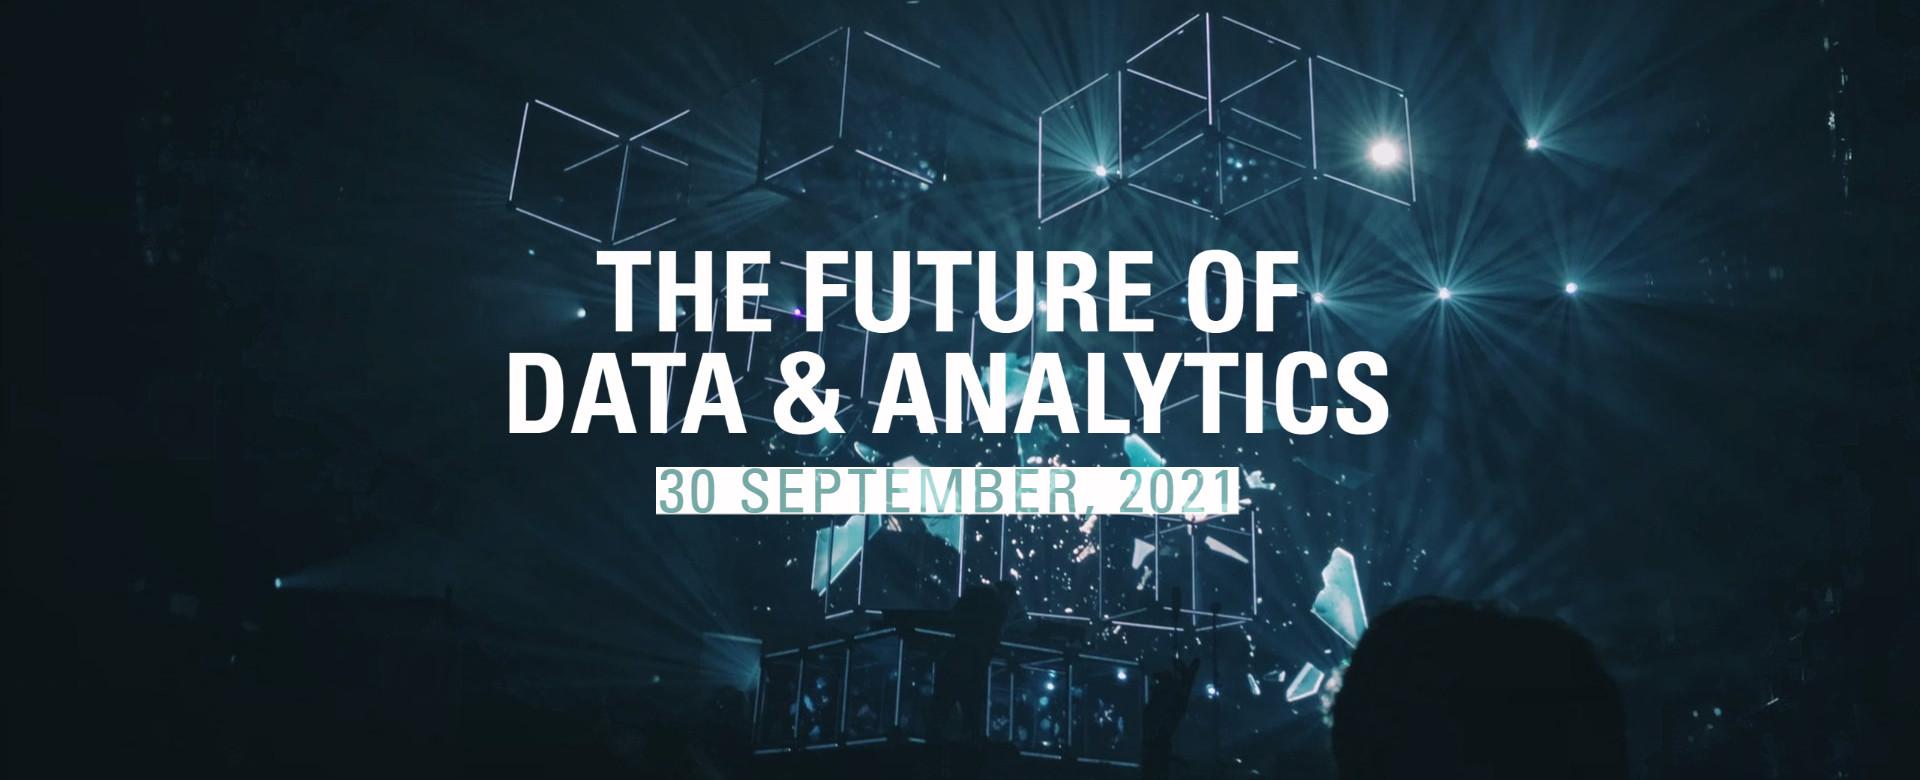 The Future of Data & Analytics 2021